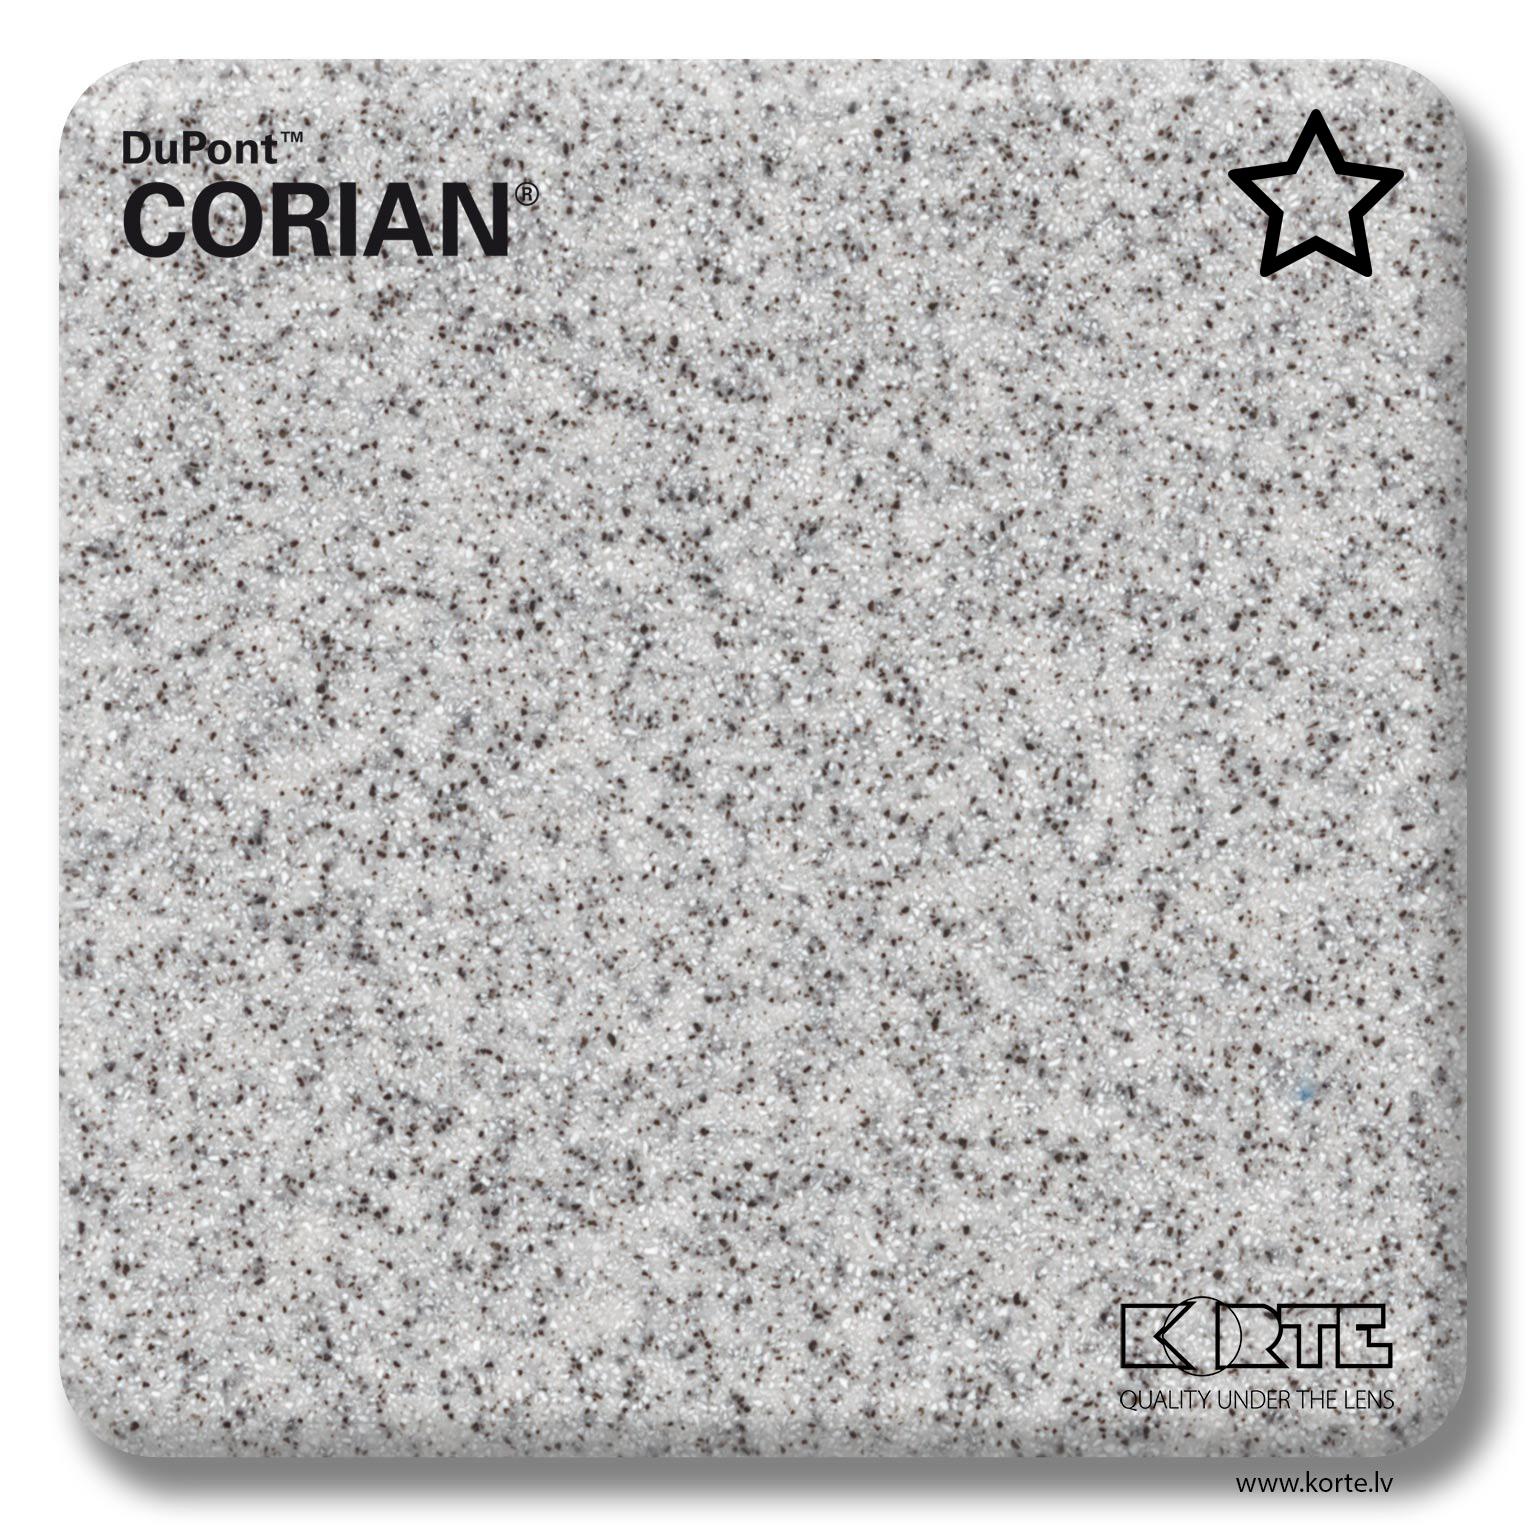 Dusk Corian Kitchen: DuPont_Corian_Dusk